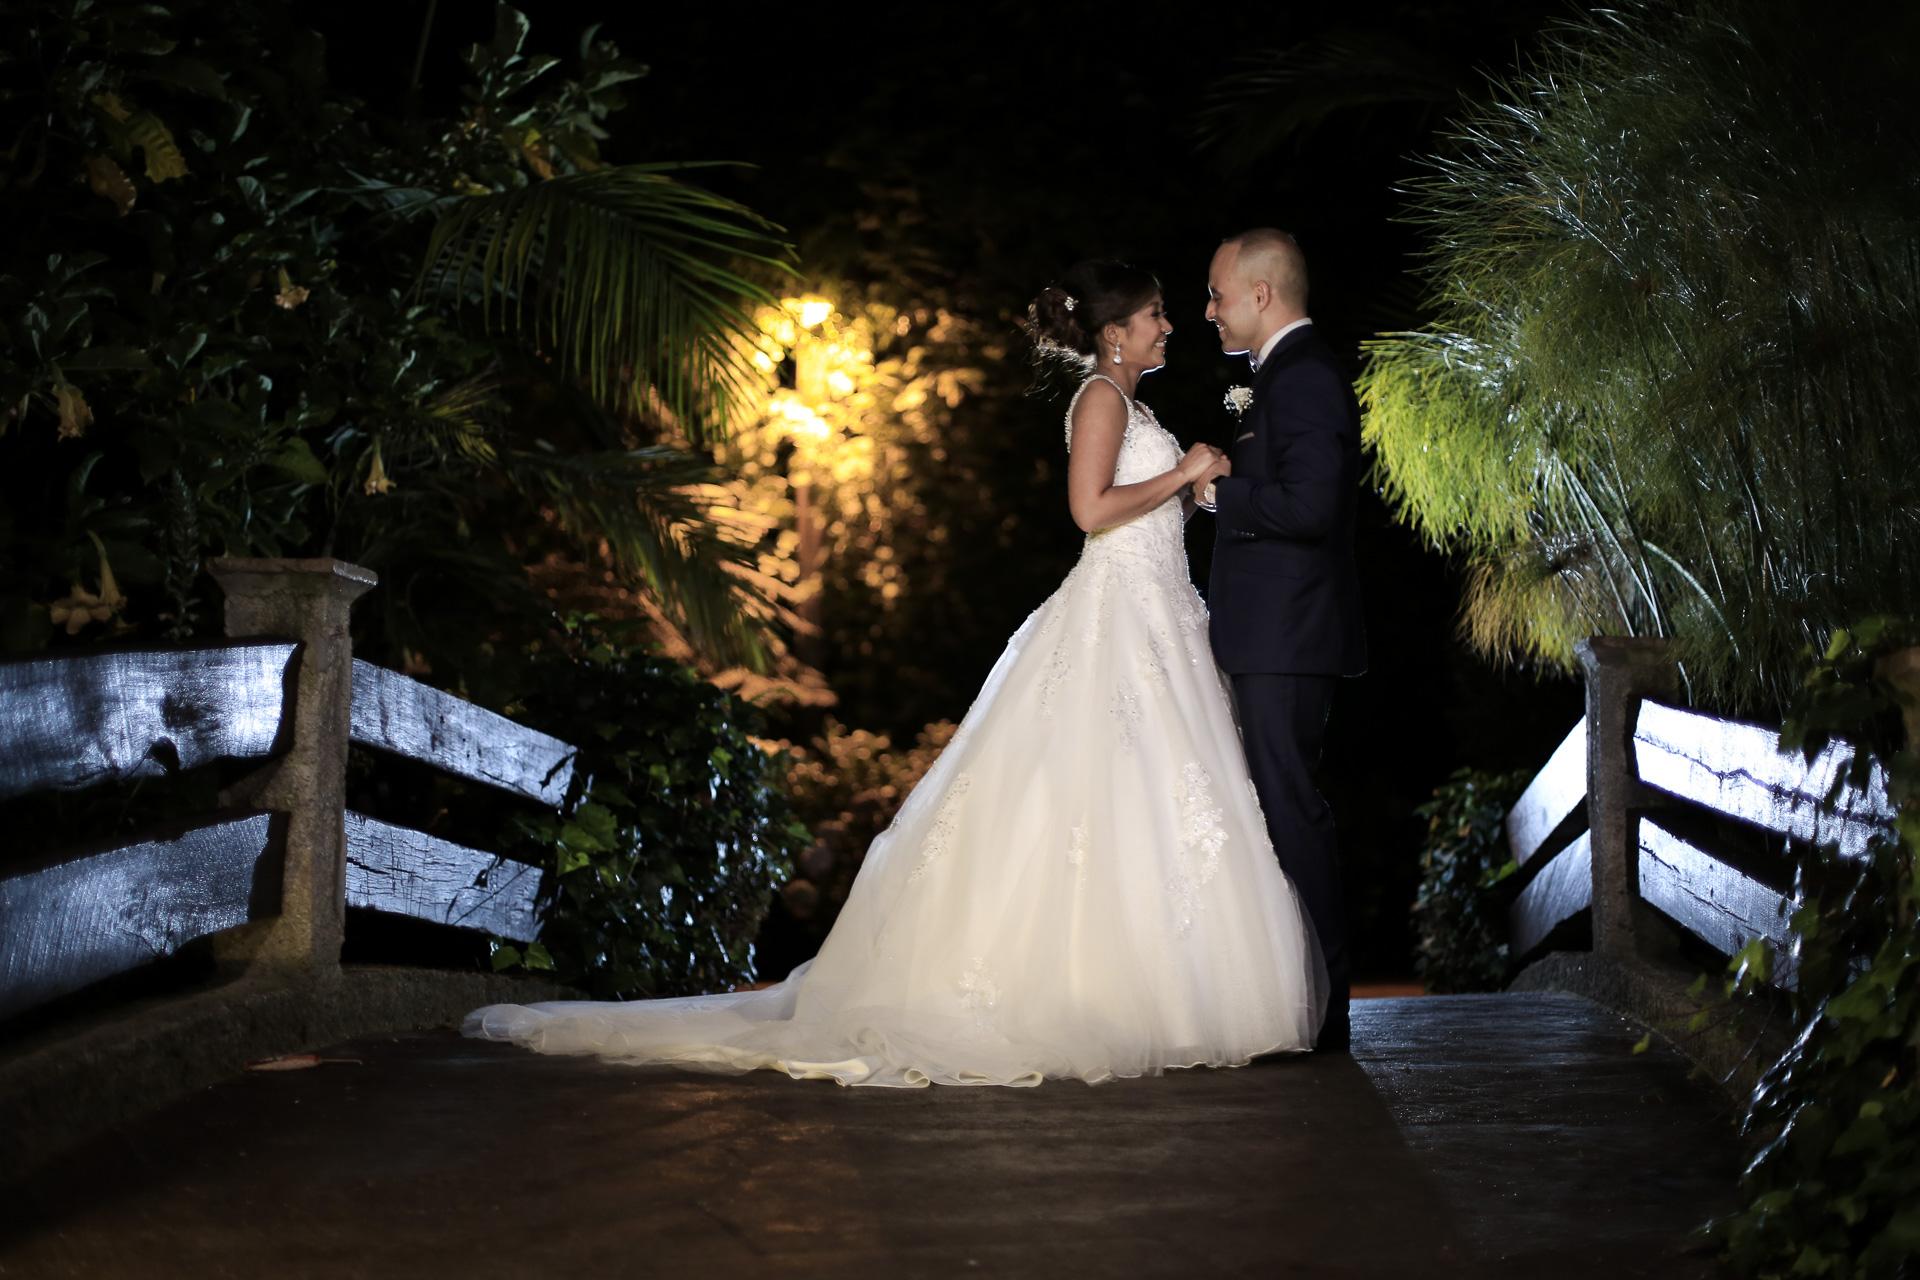 Fotógrafos-de-bodas-en-Colombia-Fidel-y-Benneth-17 FIDEL + BENNETH